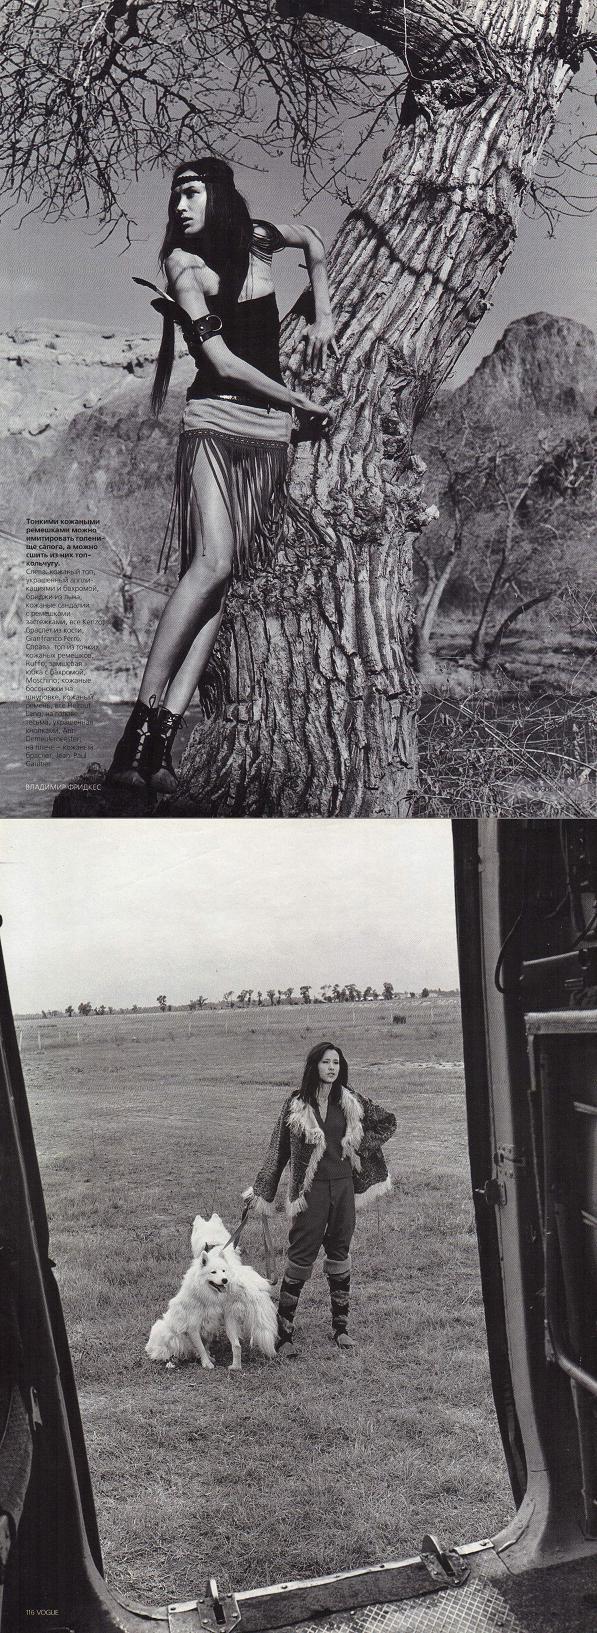 ALA Nov 05, 2007 VOGUE Magazine